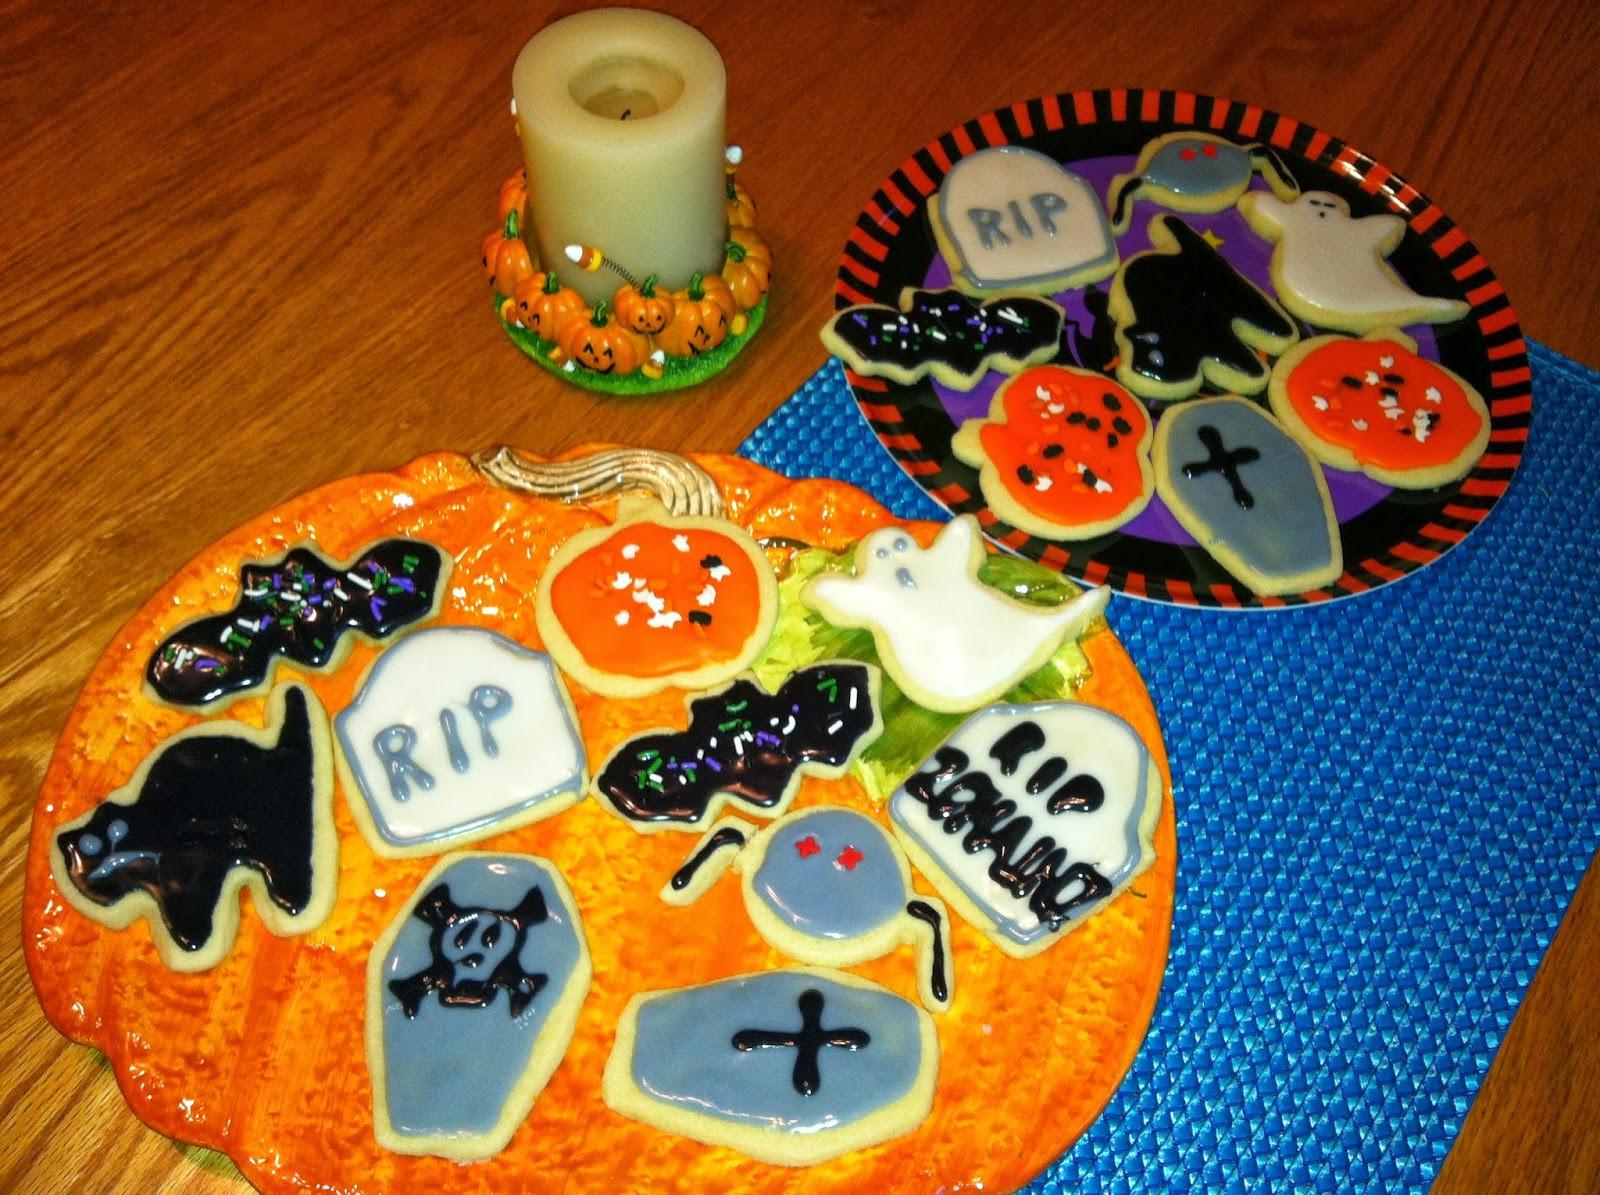 Halloween Cookies Royal Icing  Melanie s Minnesota Morsels Halloween Cookies with Royal